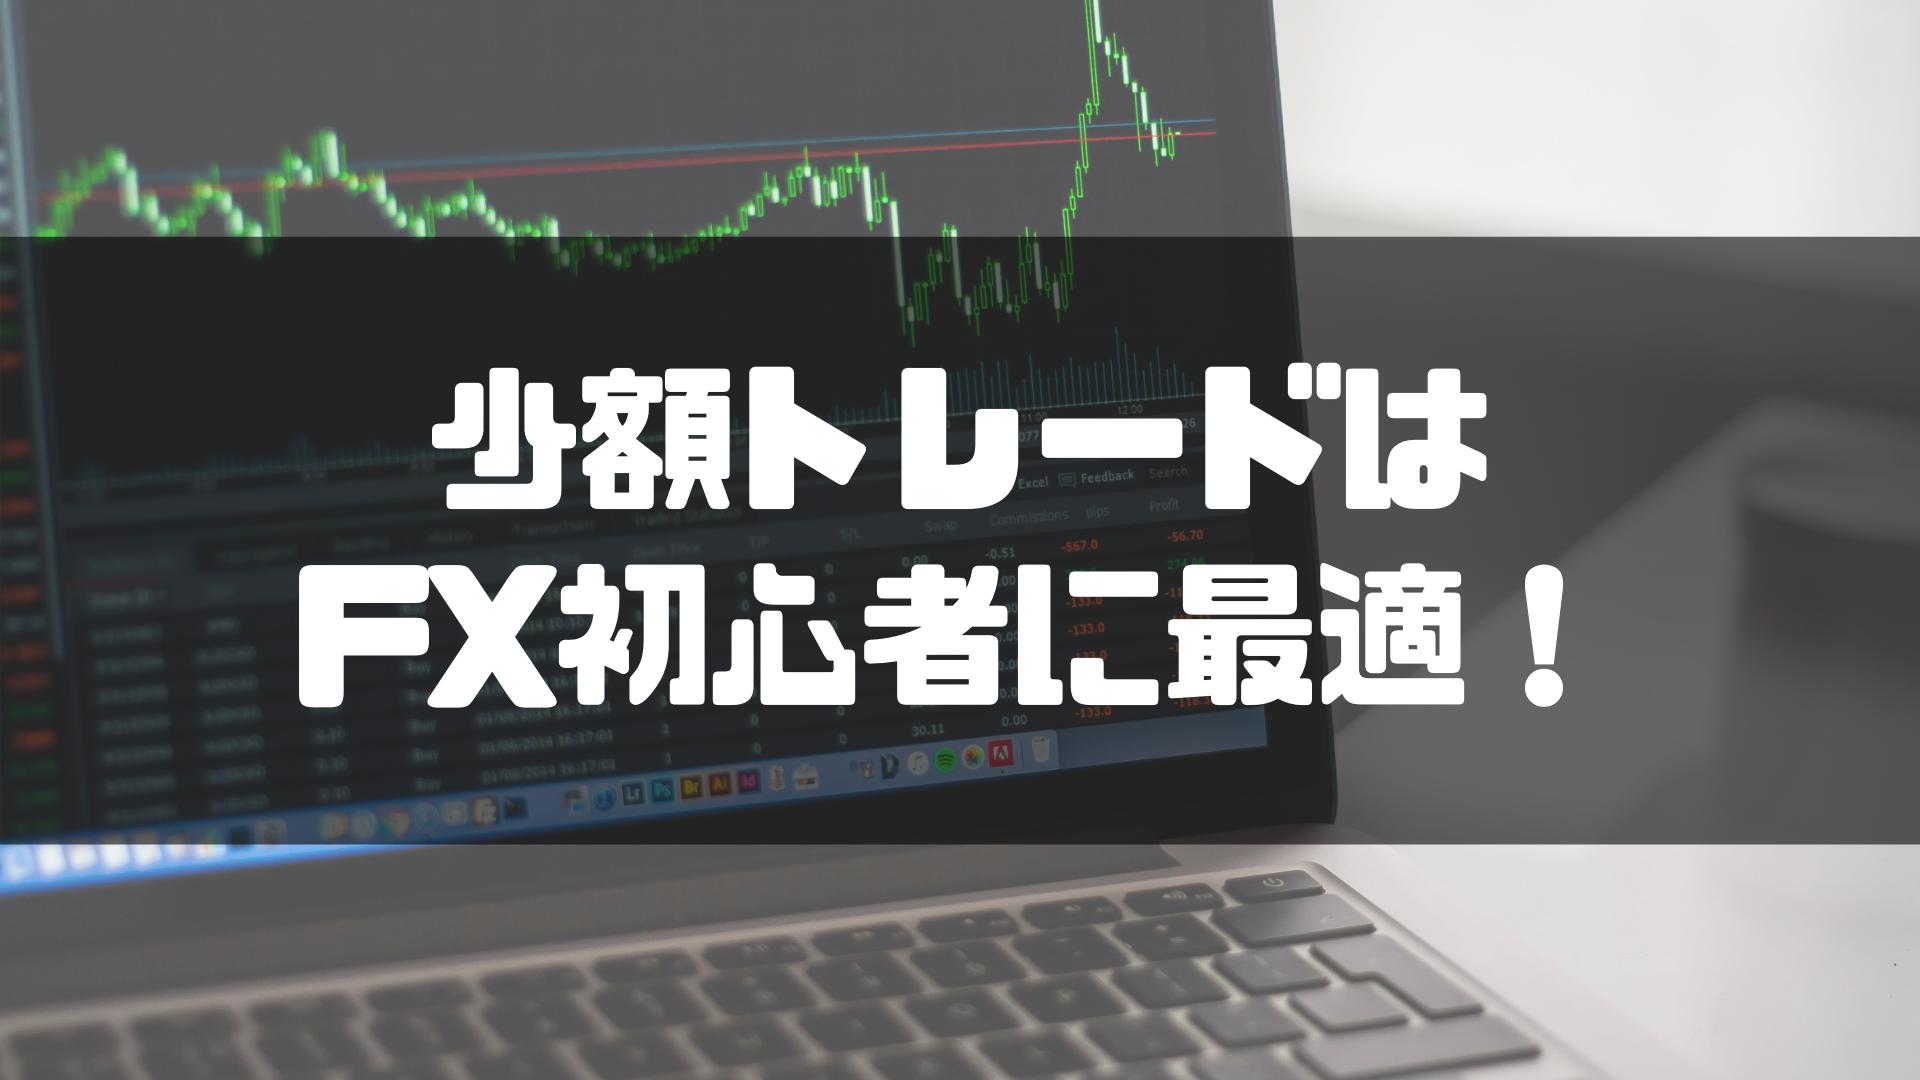 FX_少額取引